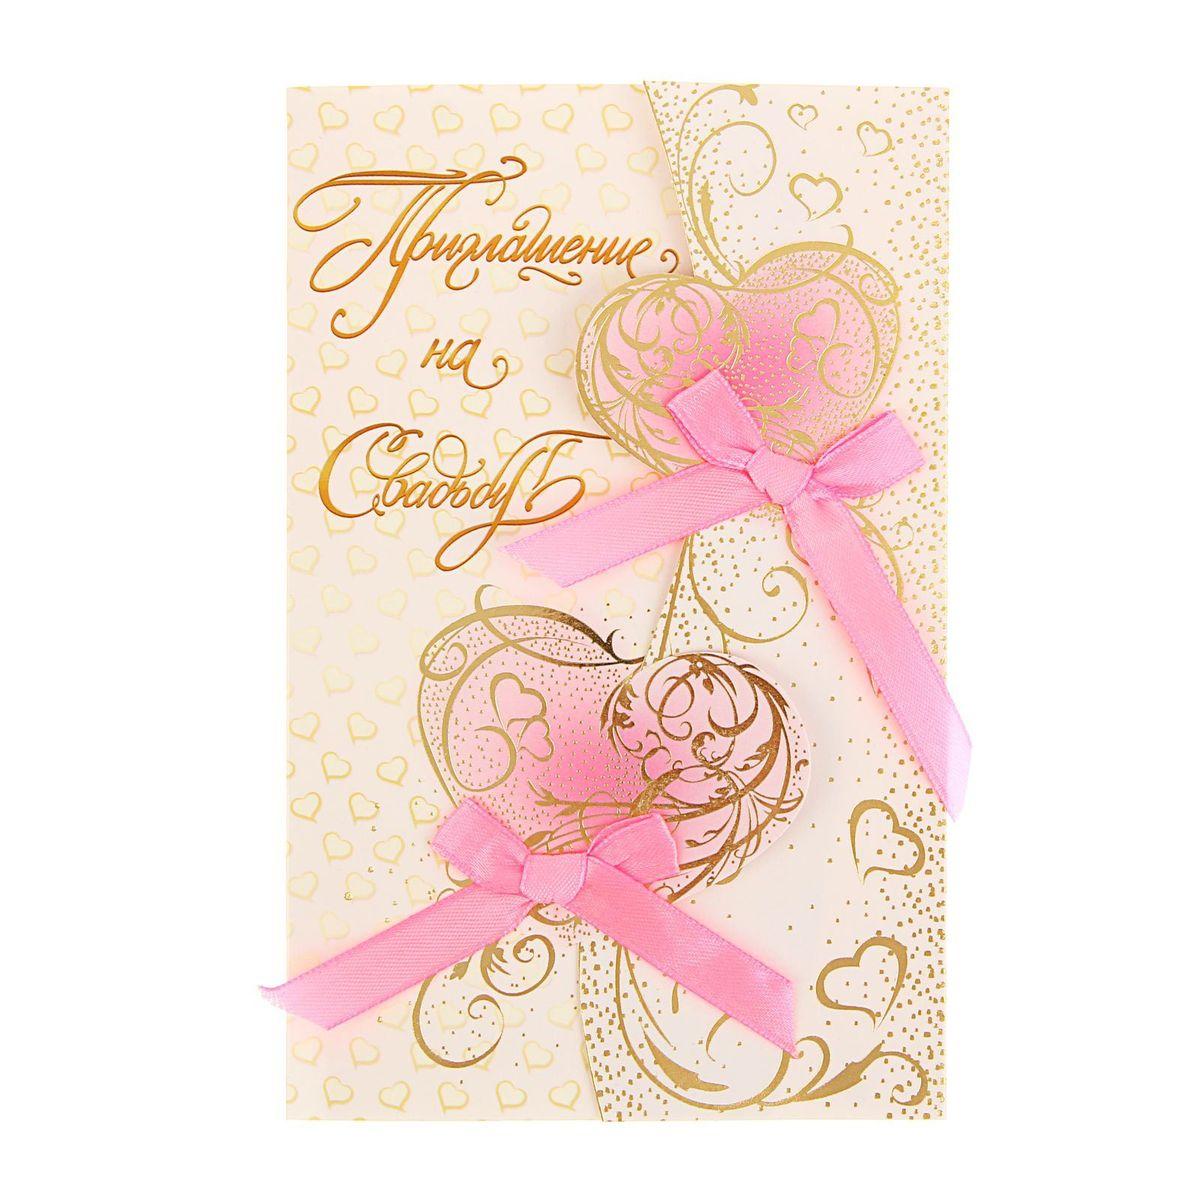 Эдельвейс Приглашение на свадьбу, сердца. 1145473